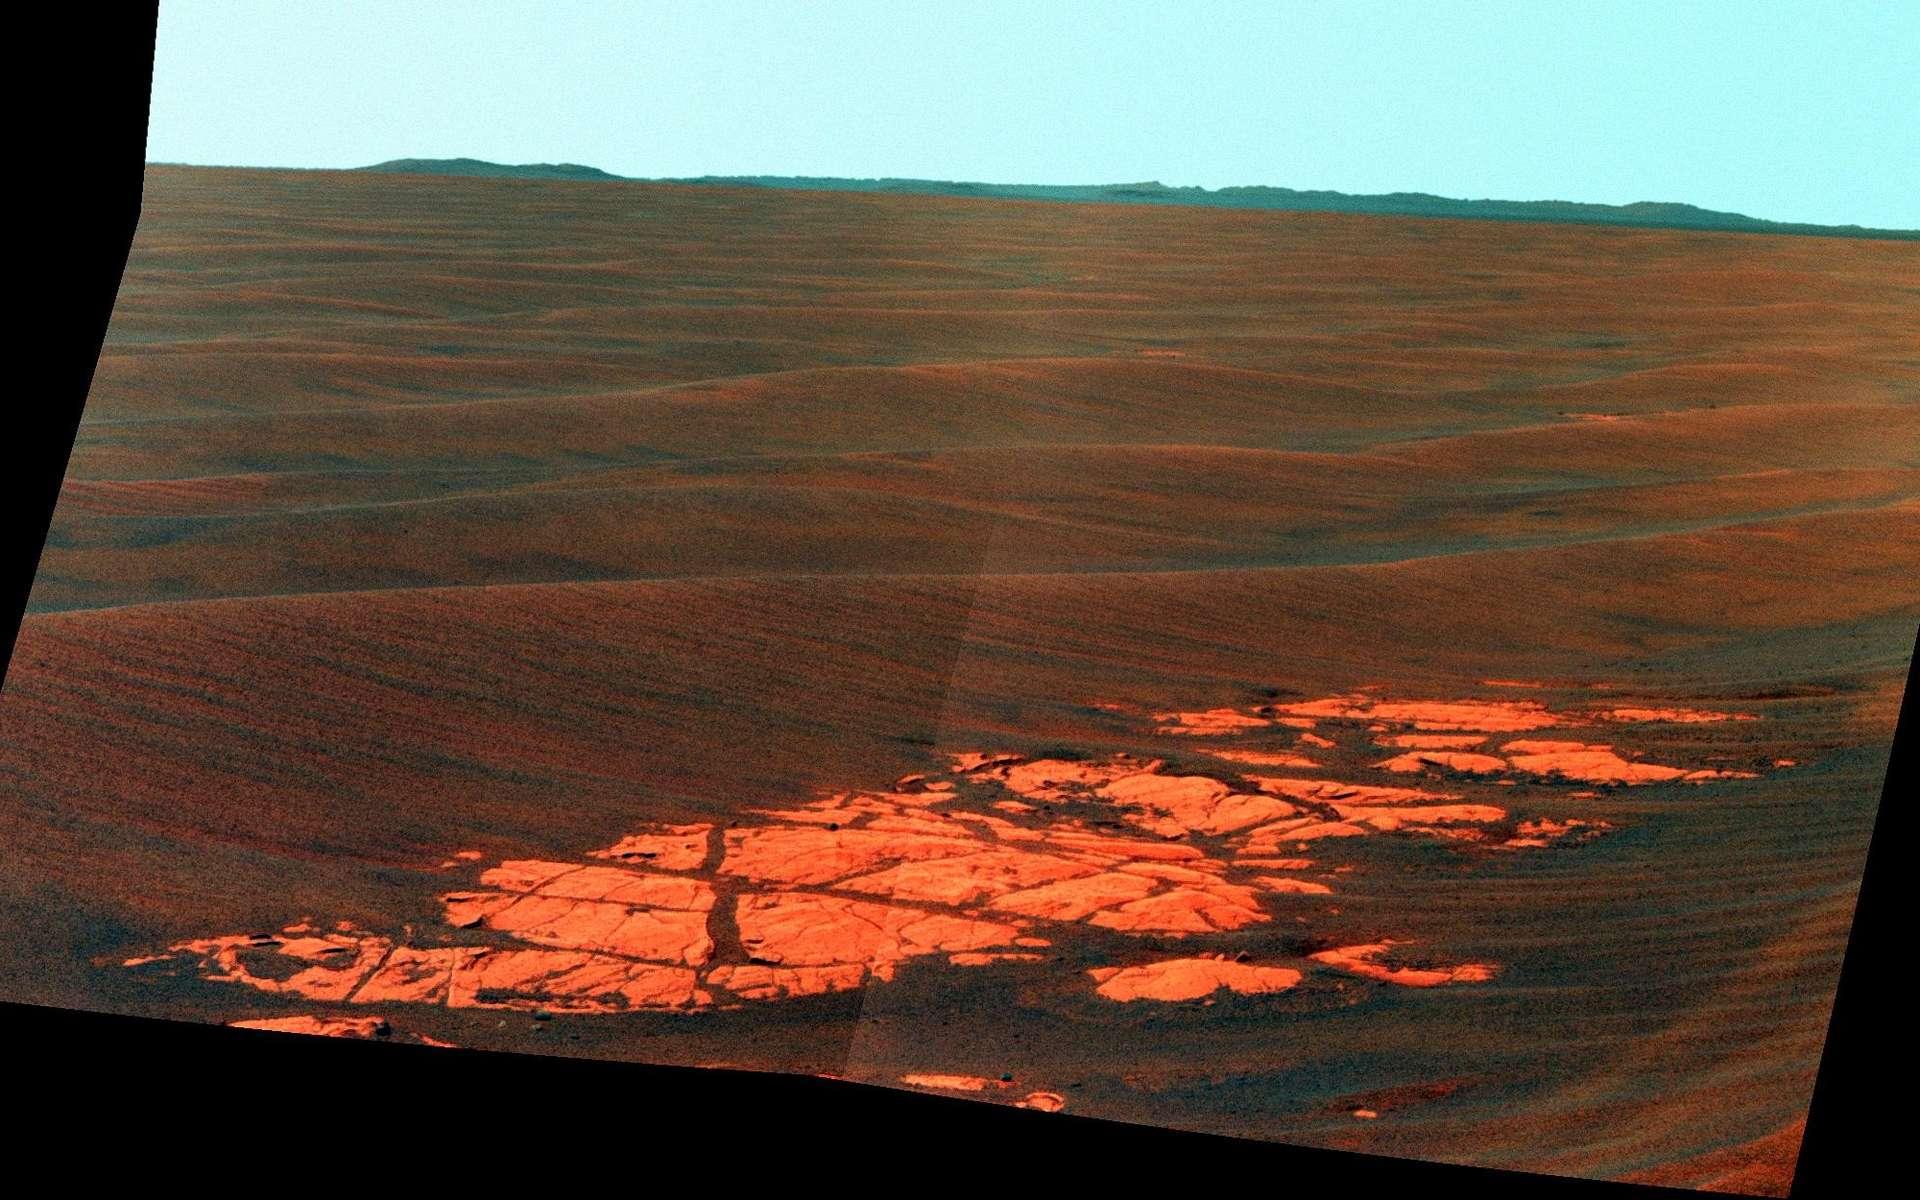 Voici le panorama qui s'offre à Opportunity. Plusieurs kilomètres de dalles rocheuses et de petites dunes de sable au menu du robot avant d'atteindre la zone du cratère Endeavour dont les parois se dessinent à l'horizon. Crédit Nasa/JPL-Caltech/Carnell University